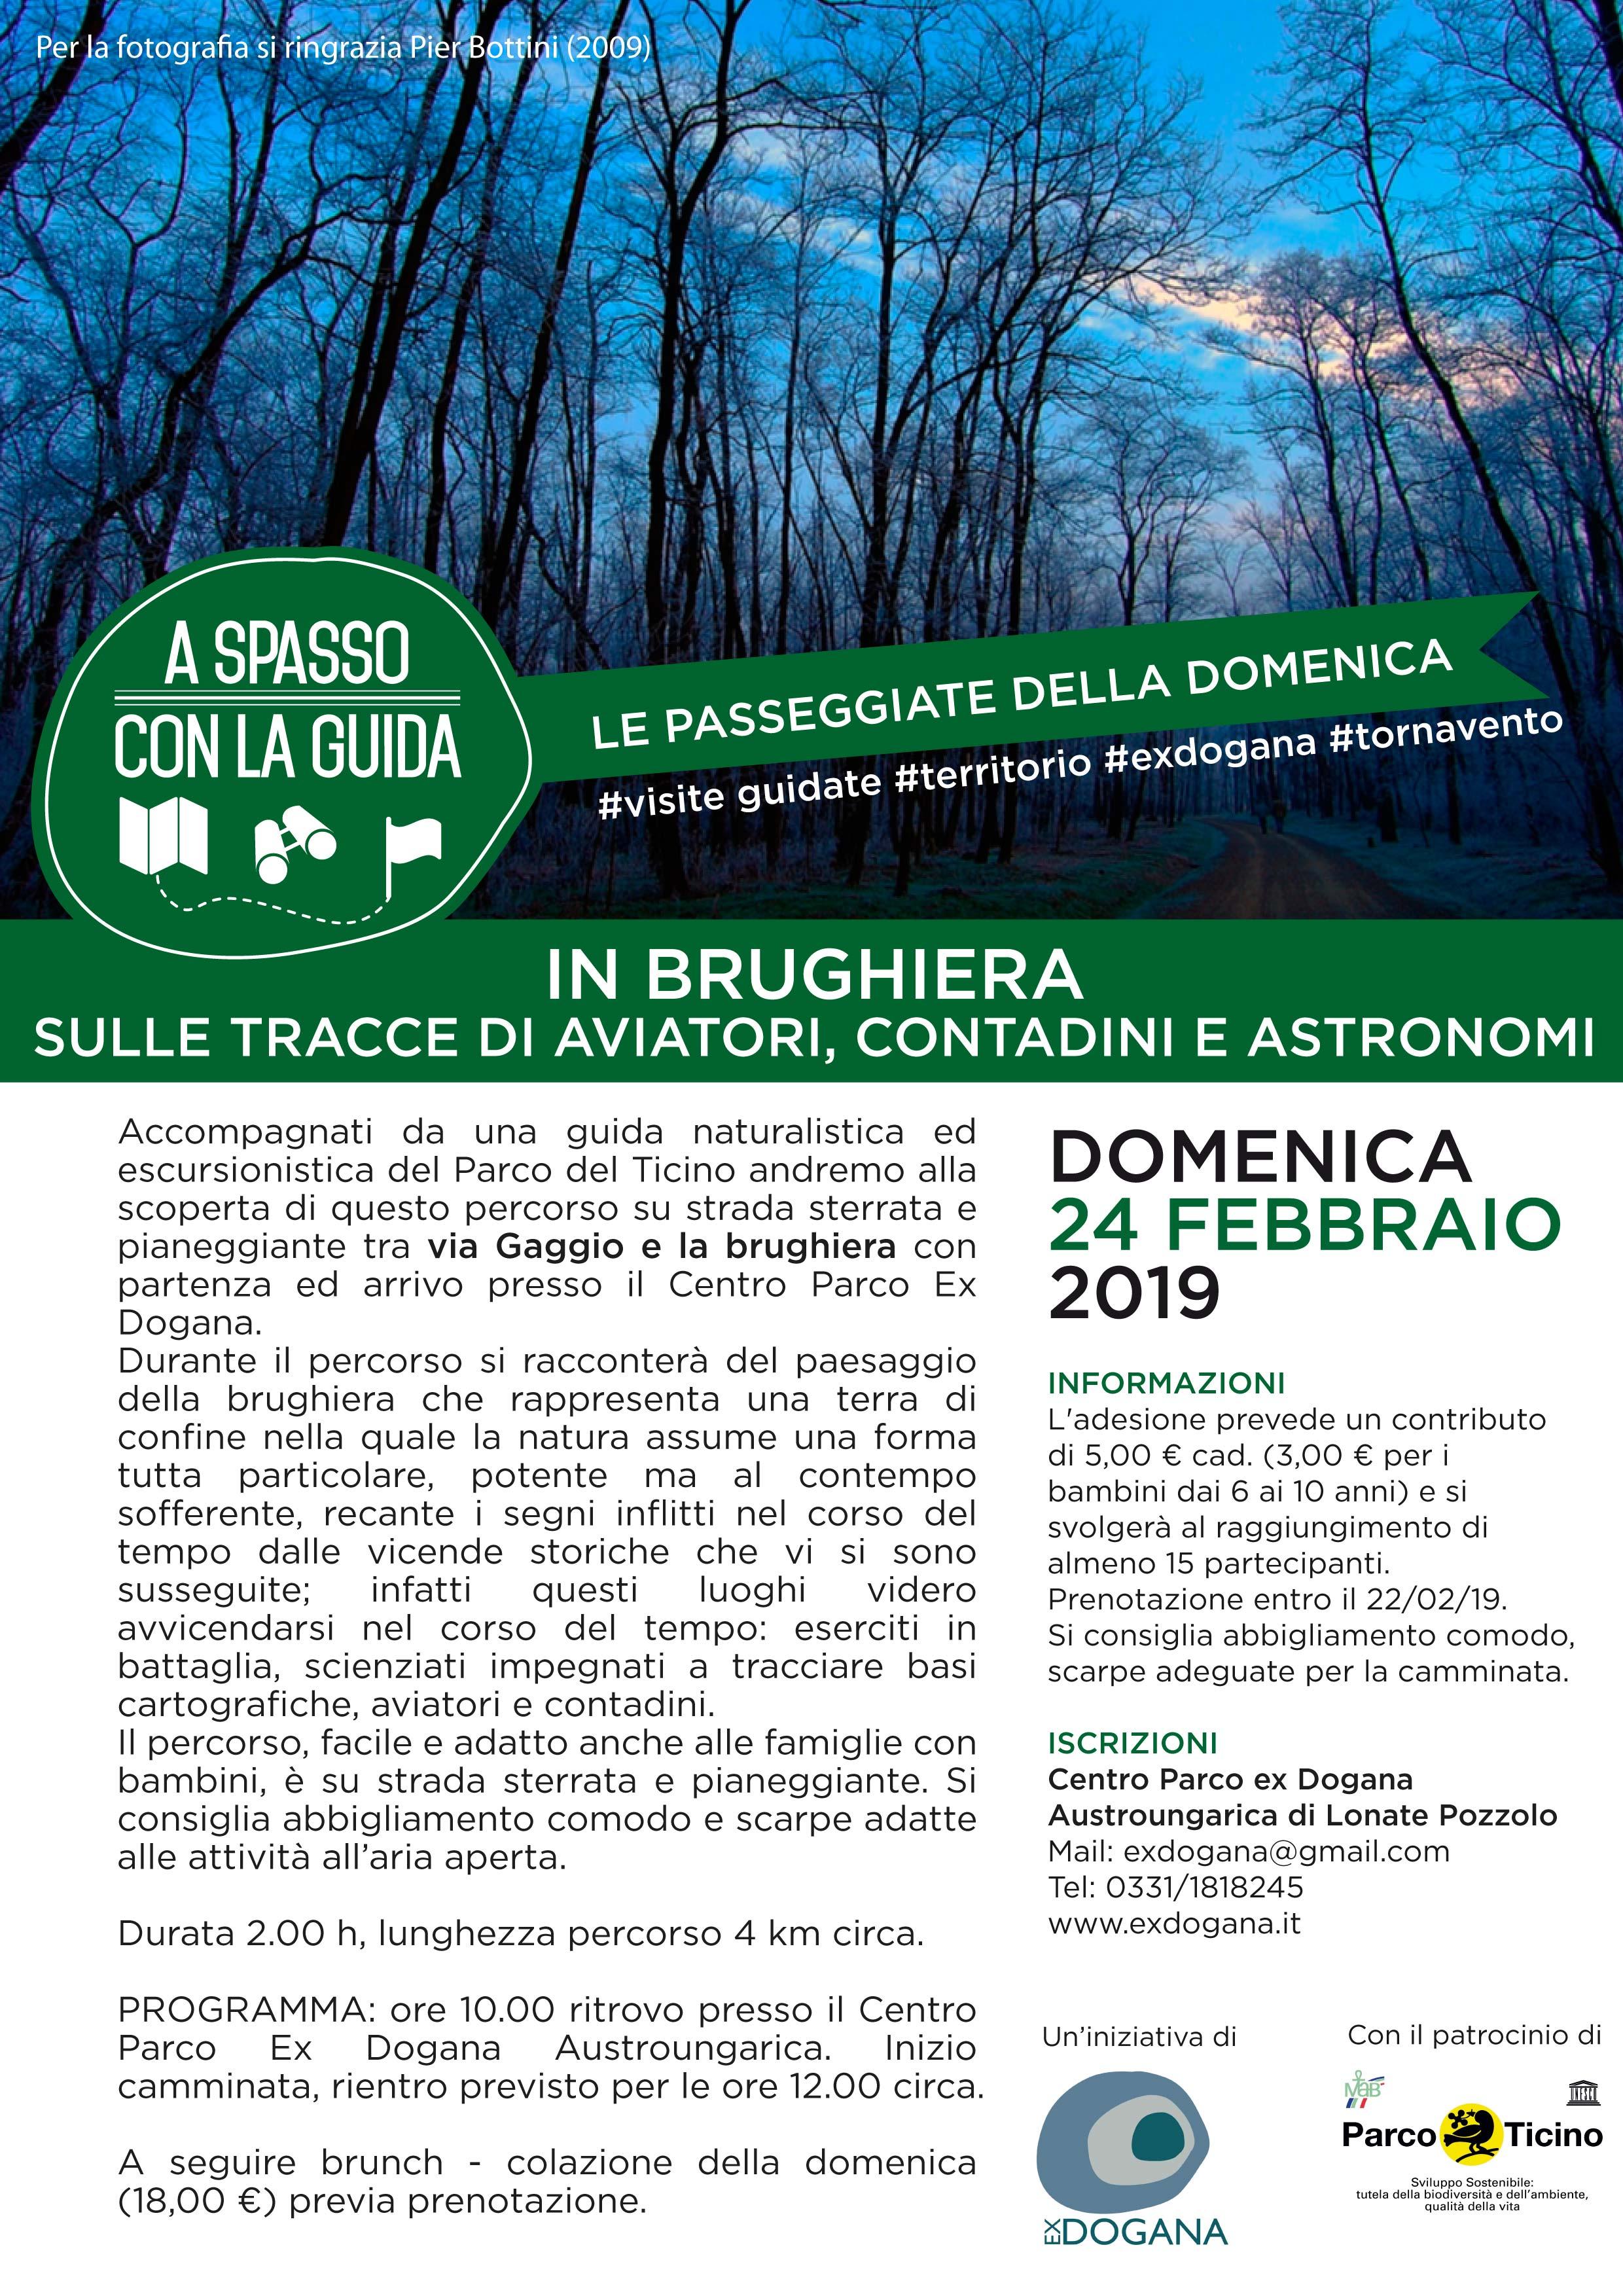 20190224_a_spasso_con_la_guida-06